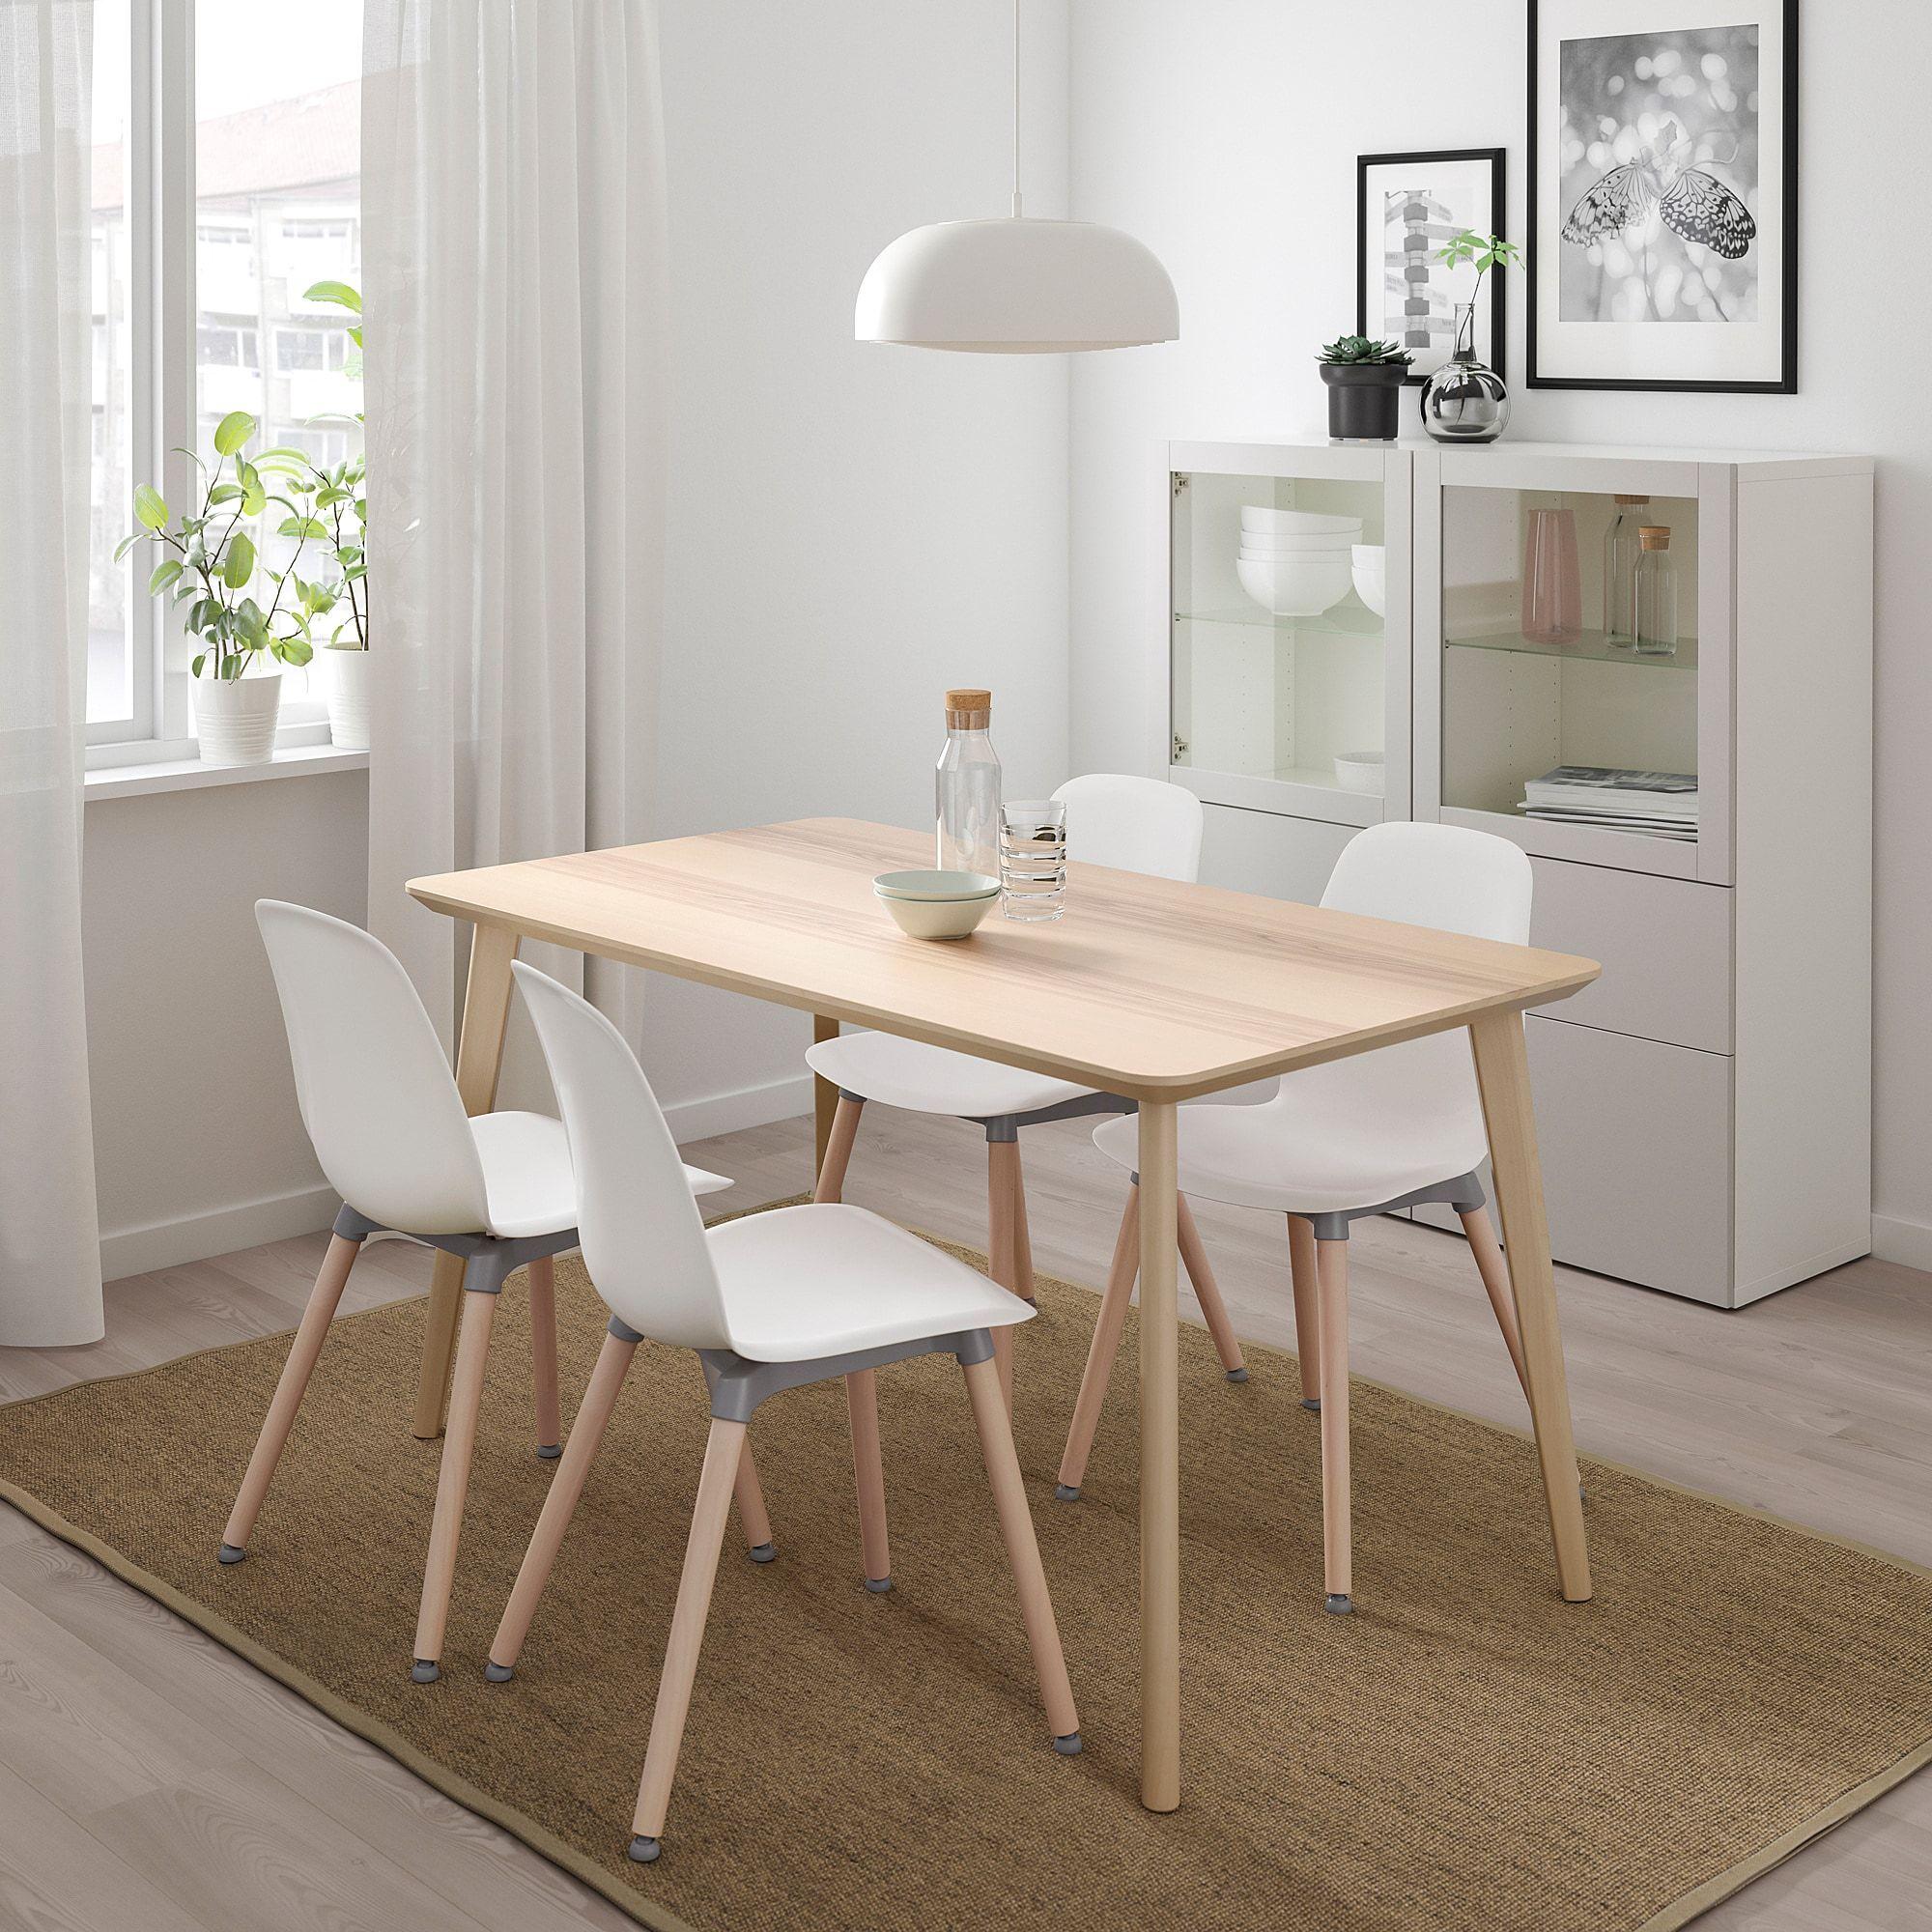 Lisabo Leifarne Tisch Und 4 Stuhle Eschenfurnier Weiss Tisch